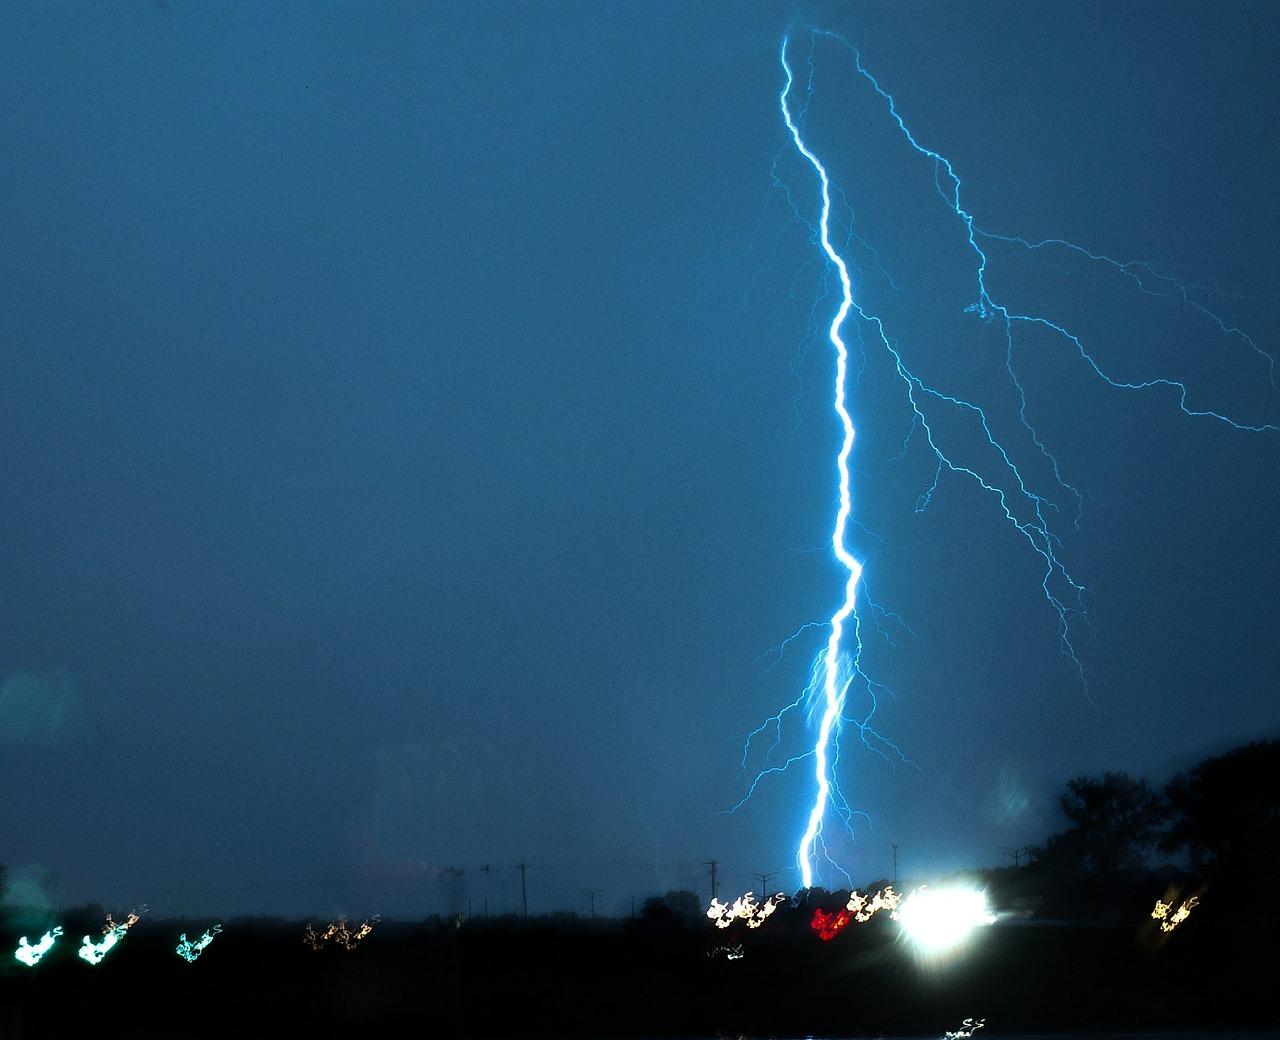 В МЧС предупредили о резком ухудшении погоды в Краснодарском крае